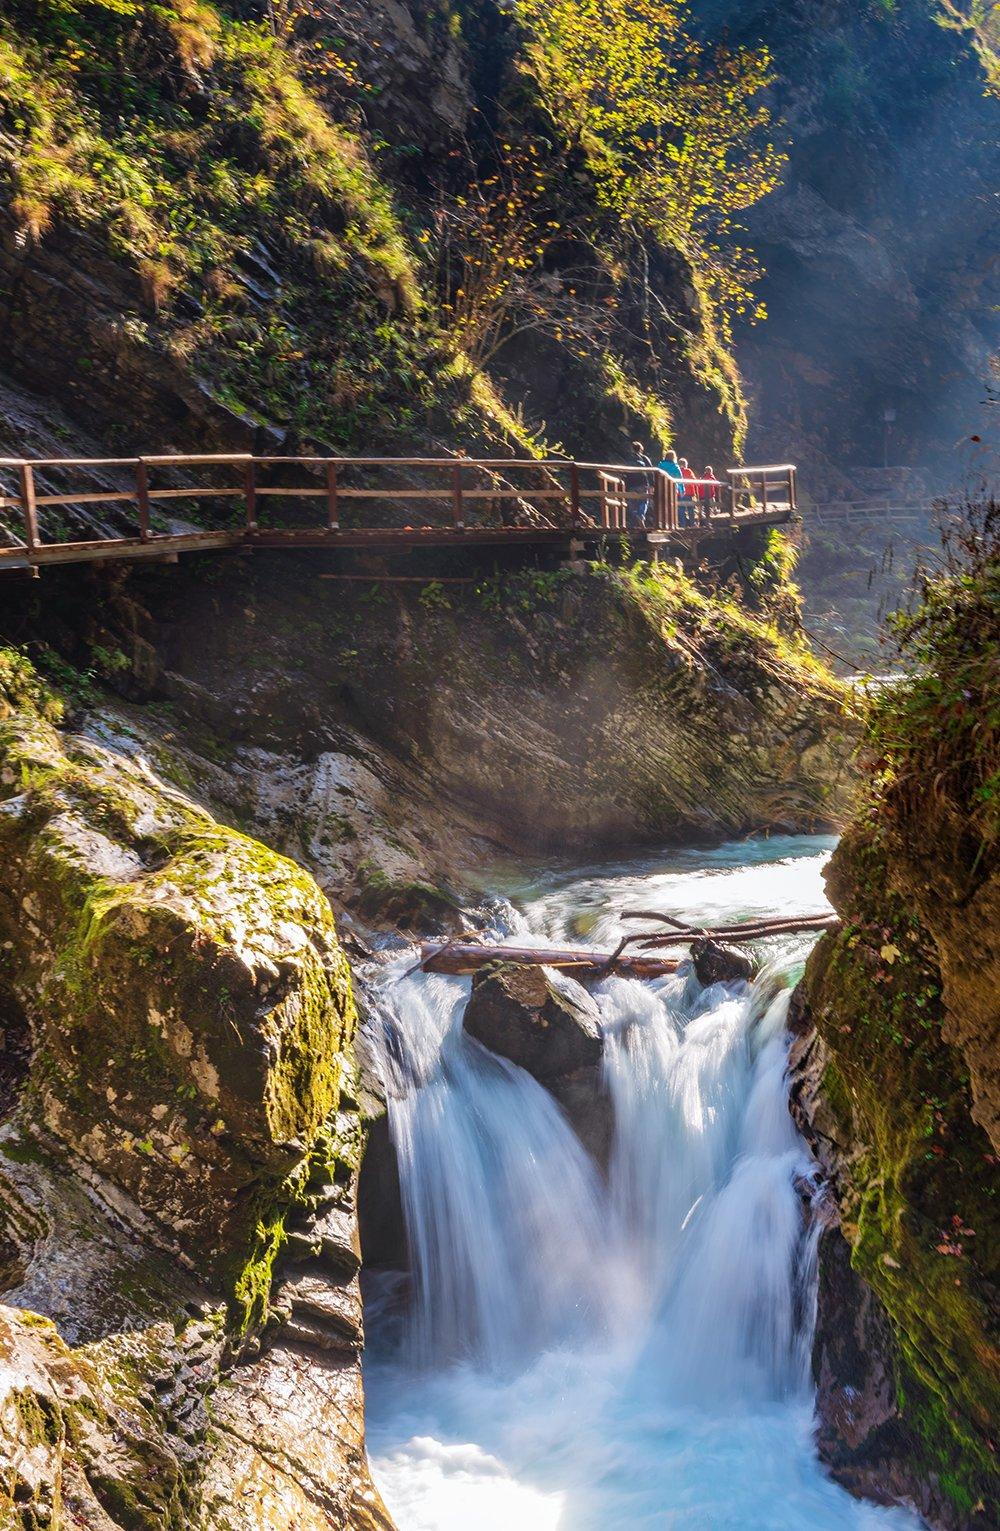 Tagesausflüge vom Bleder See – besuche die Vintgar-Schlucht, nur eine kurze Fahrt vom Bleder See entfernt. Gehe spazieren entlang des spektakulären türkisblauen Flusses, vorbei an einer Vielzahl von kleinen Wasserfällen und Stromschnellen. Es ist ein entspannender Spaziergang in einem von Sloweniens schönsten Naturgebieten. Klicke Dich durch zu unserem Bled Reiseführer.